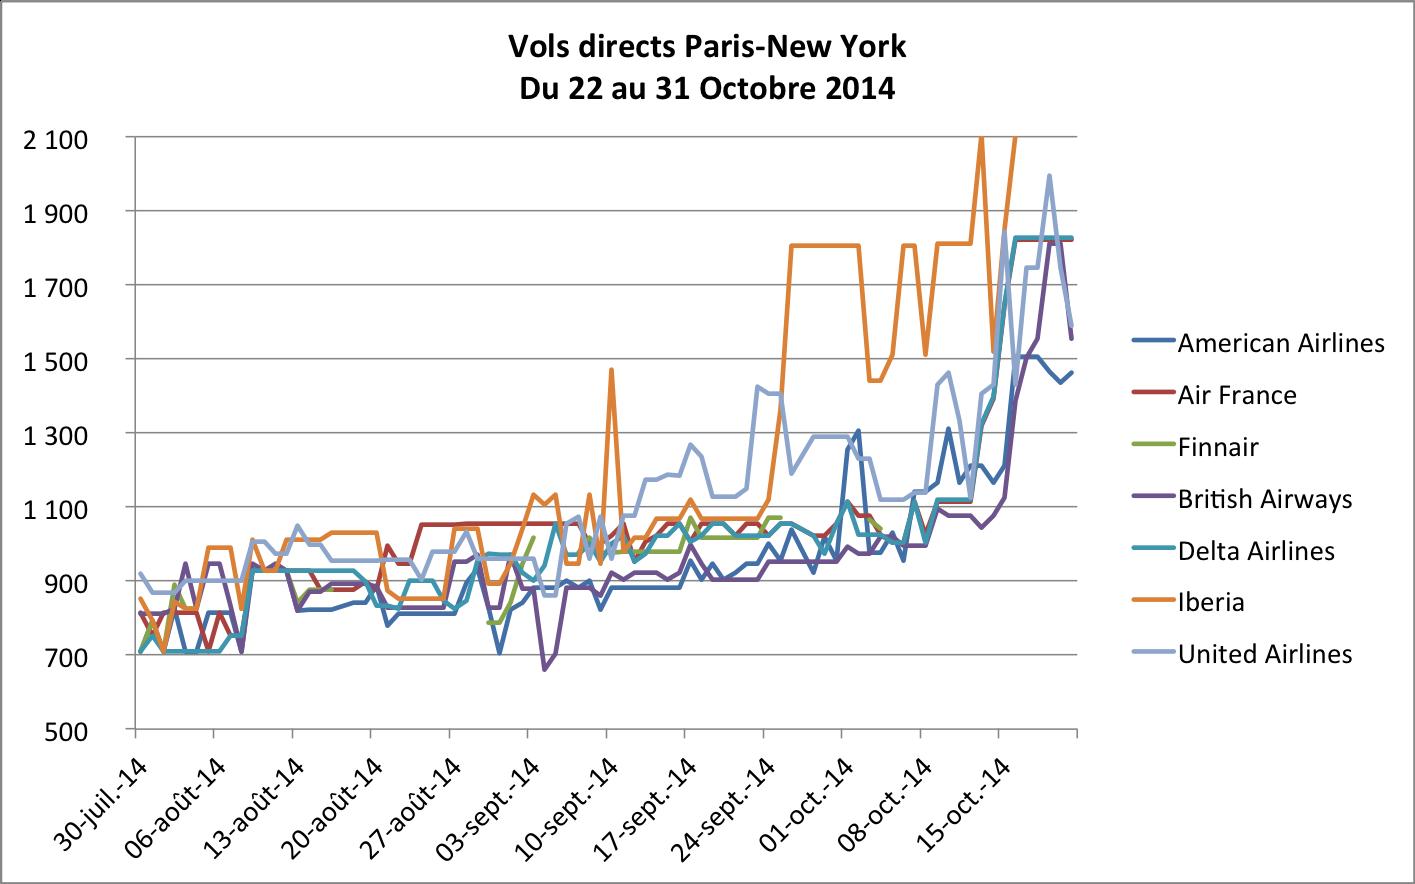 Vols directs Paris-New York du 22 au 31 Octobre 2014